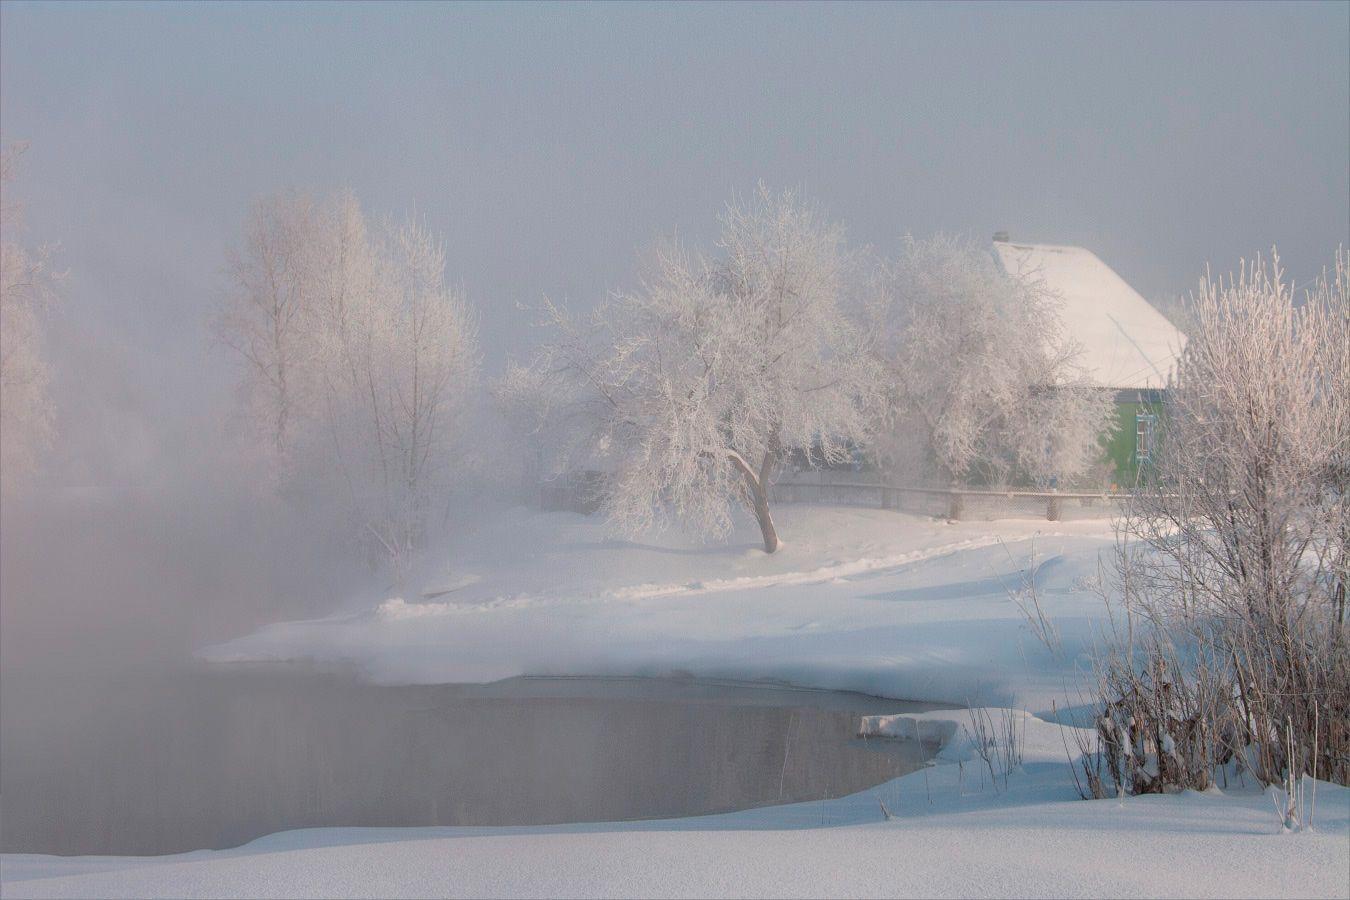 городская окраина, зима, туман, домик у пруда, живописная история, красивые места, Гусаков Александр